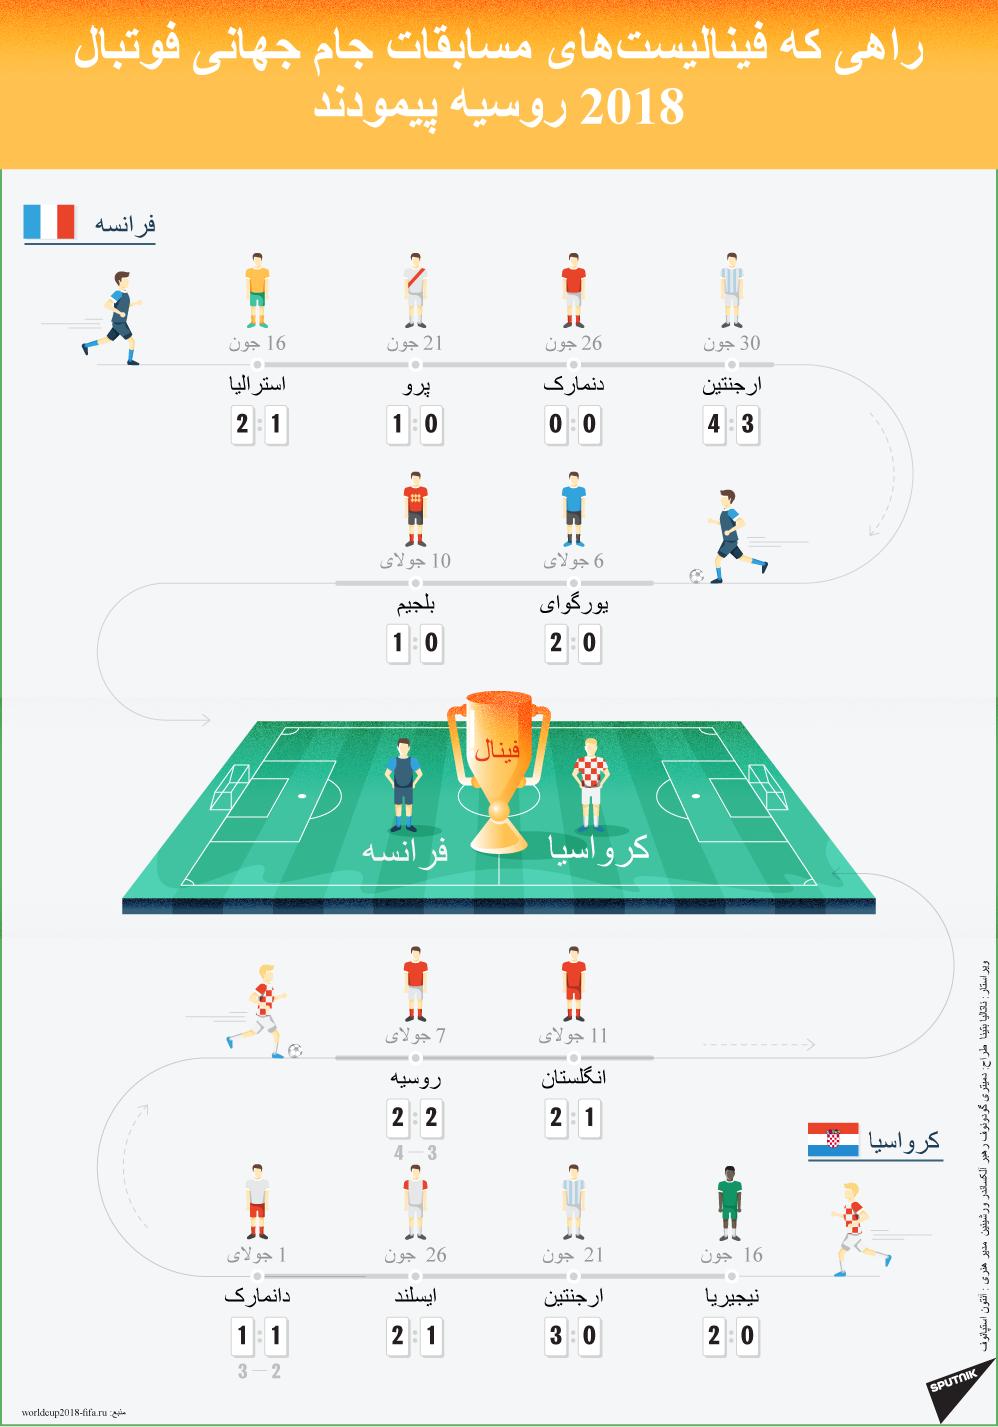 راهی که فینالیستهای مسابقات جام جهانی فوتبال 2018 روسیه پیمودند